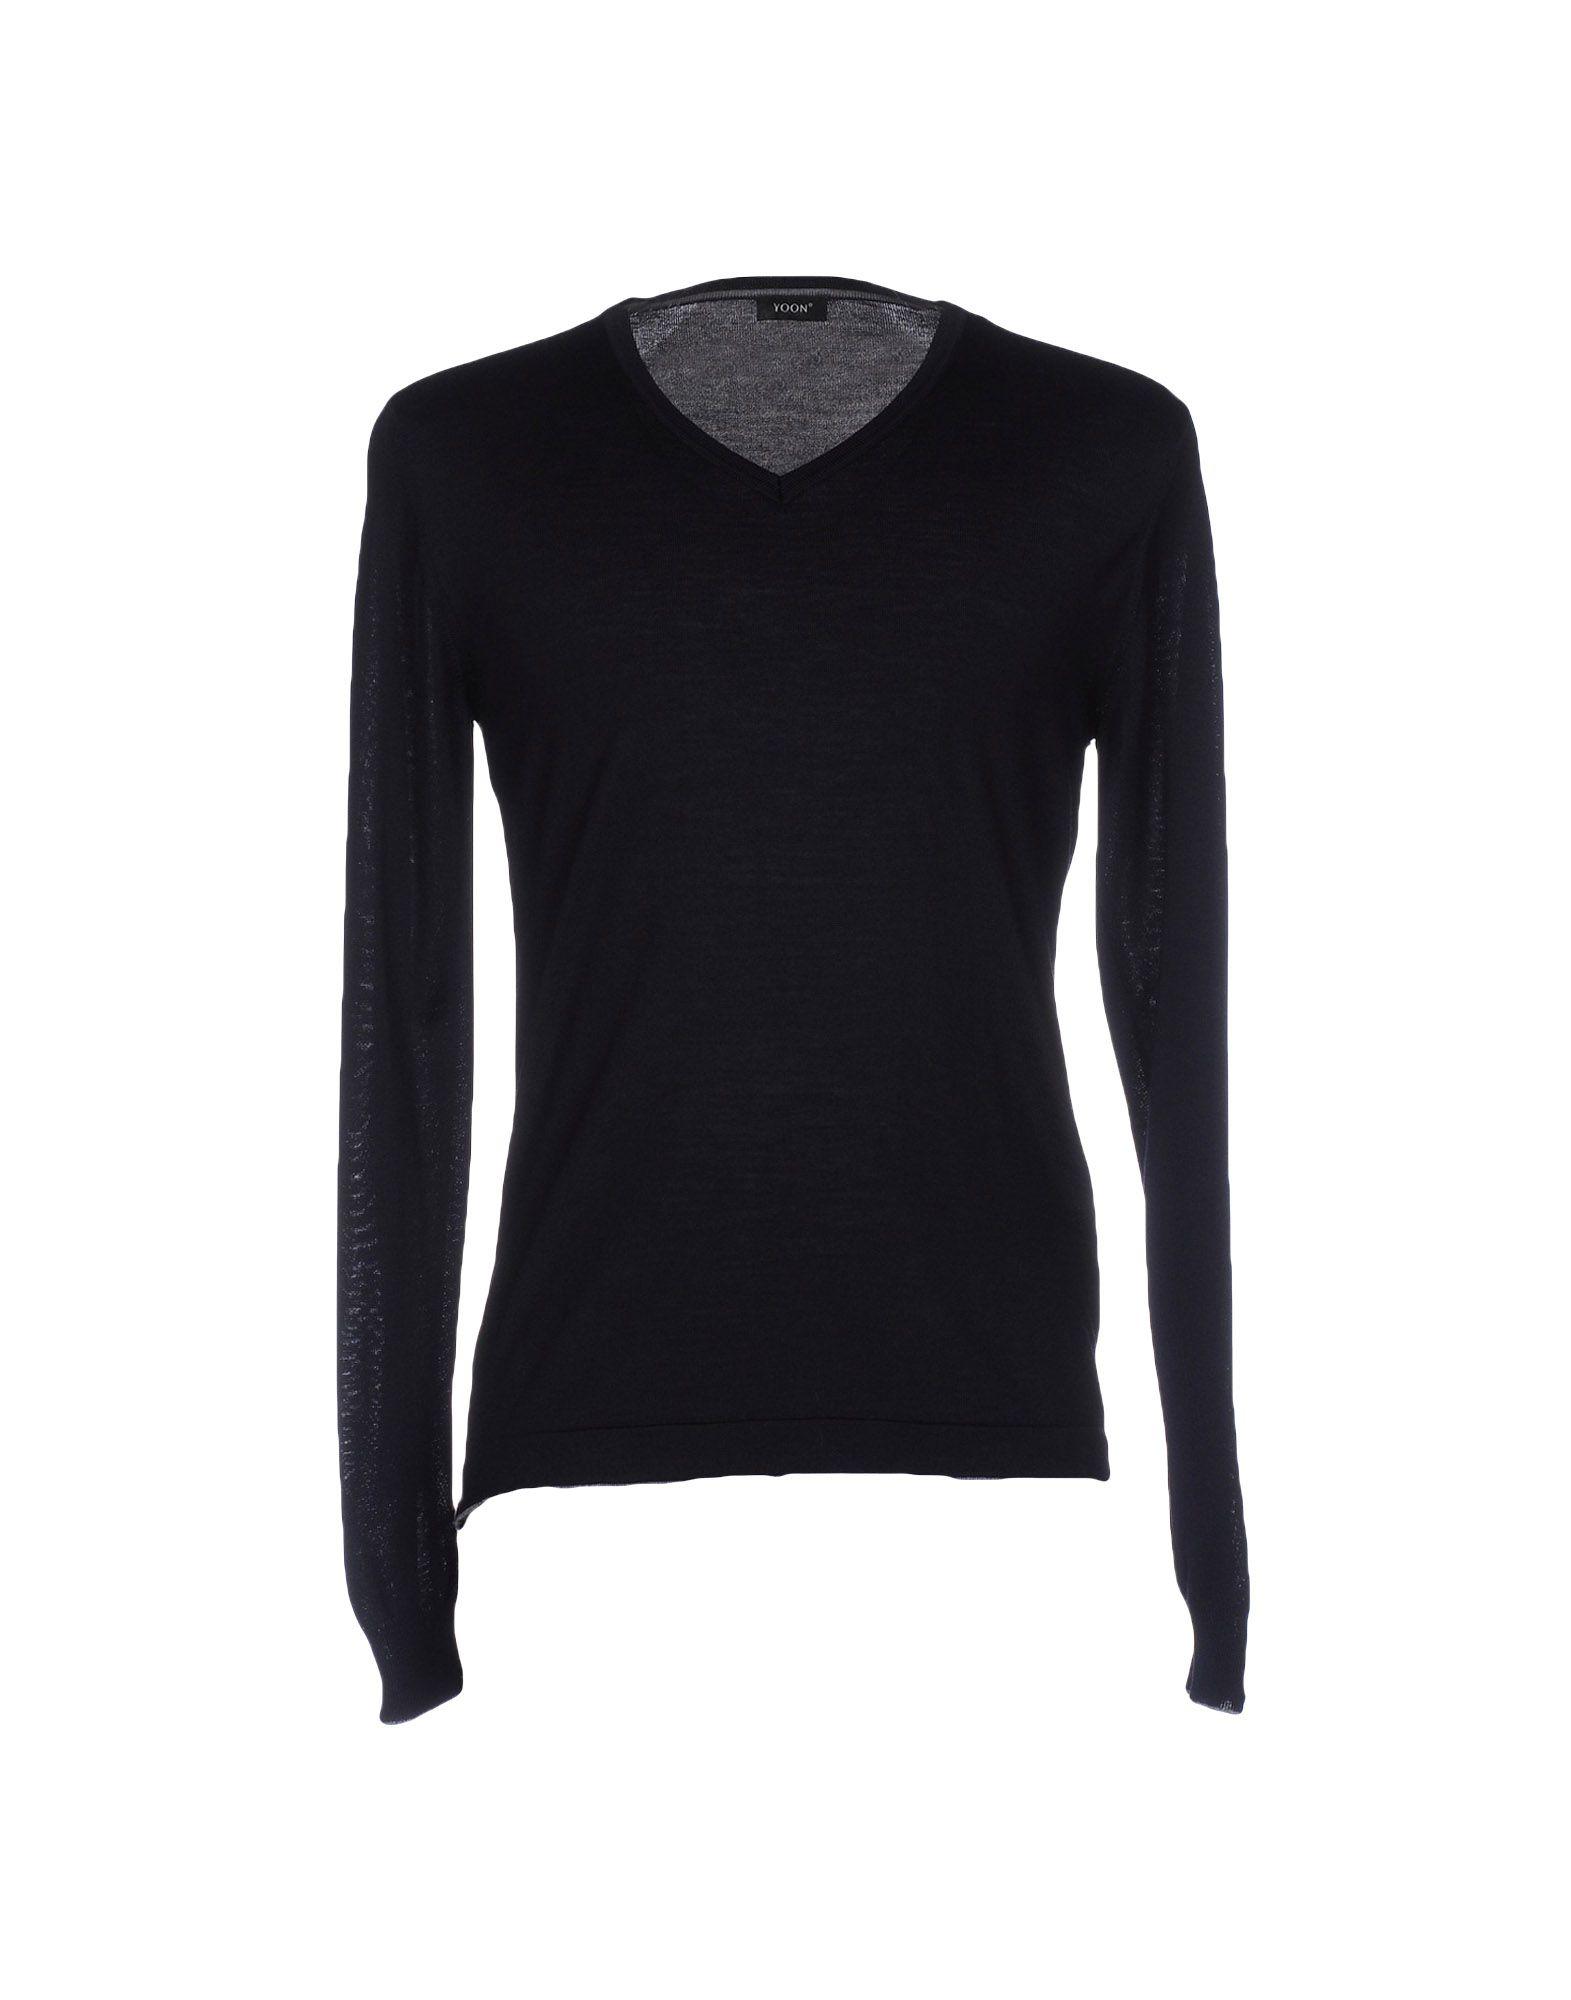 YOON Herren Pullover Farbe Dunkelblau Größe 6 jetztbilligerkaufen